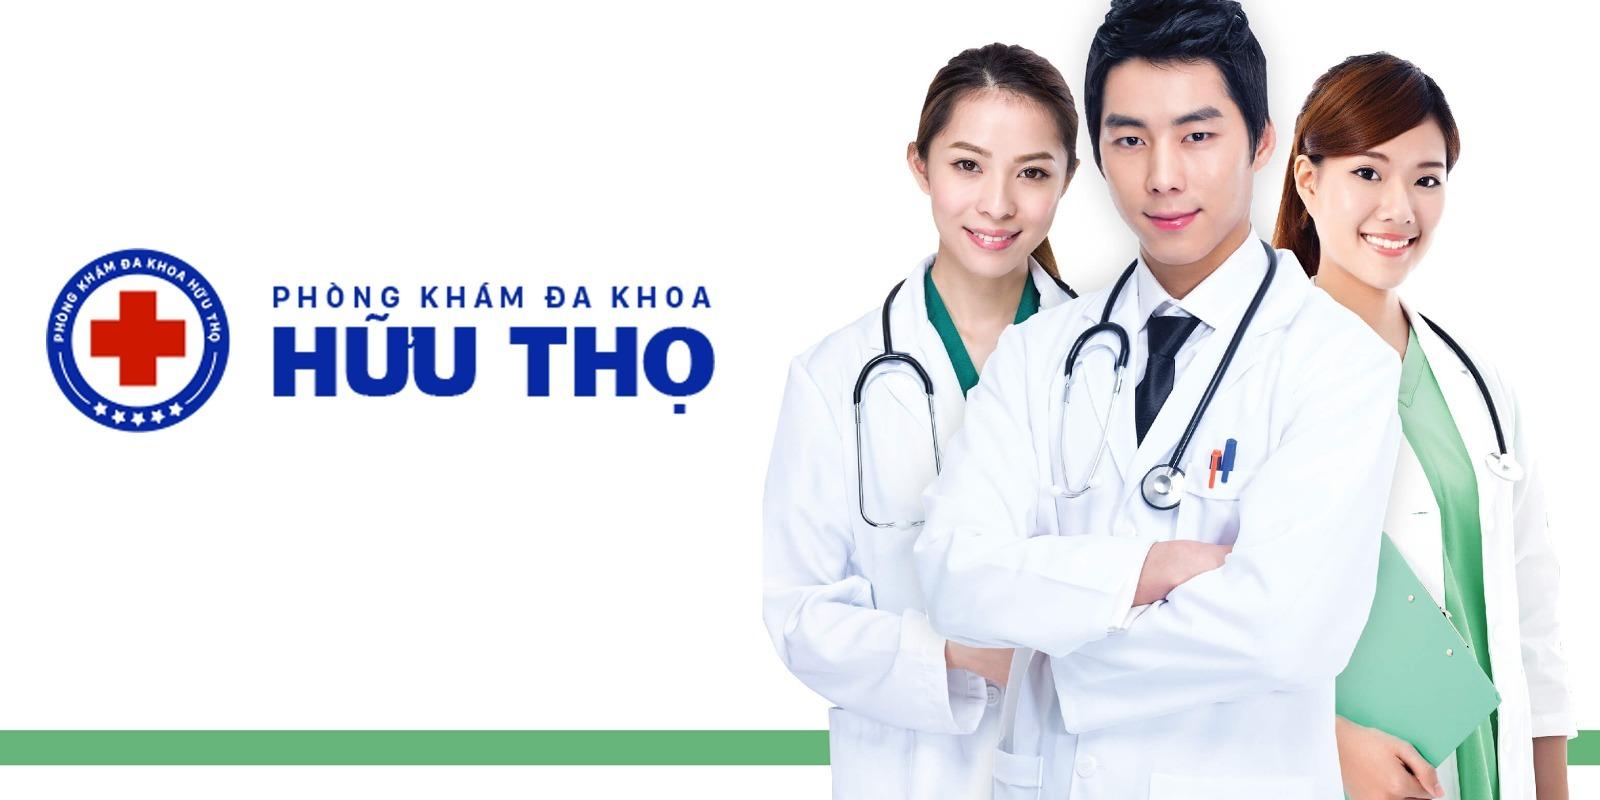 Phòng khám đa khoa Hữu Thọ (@pkdkhuutho) Cover Image